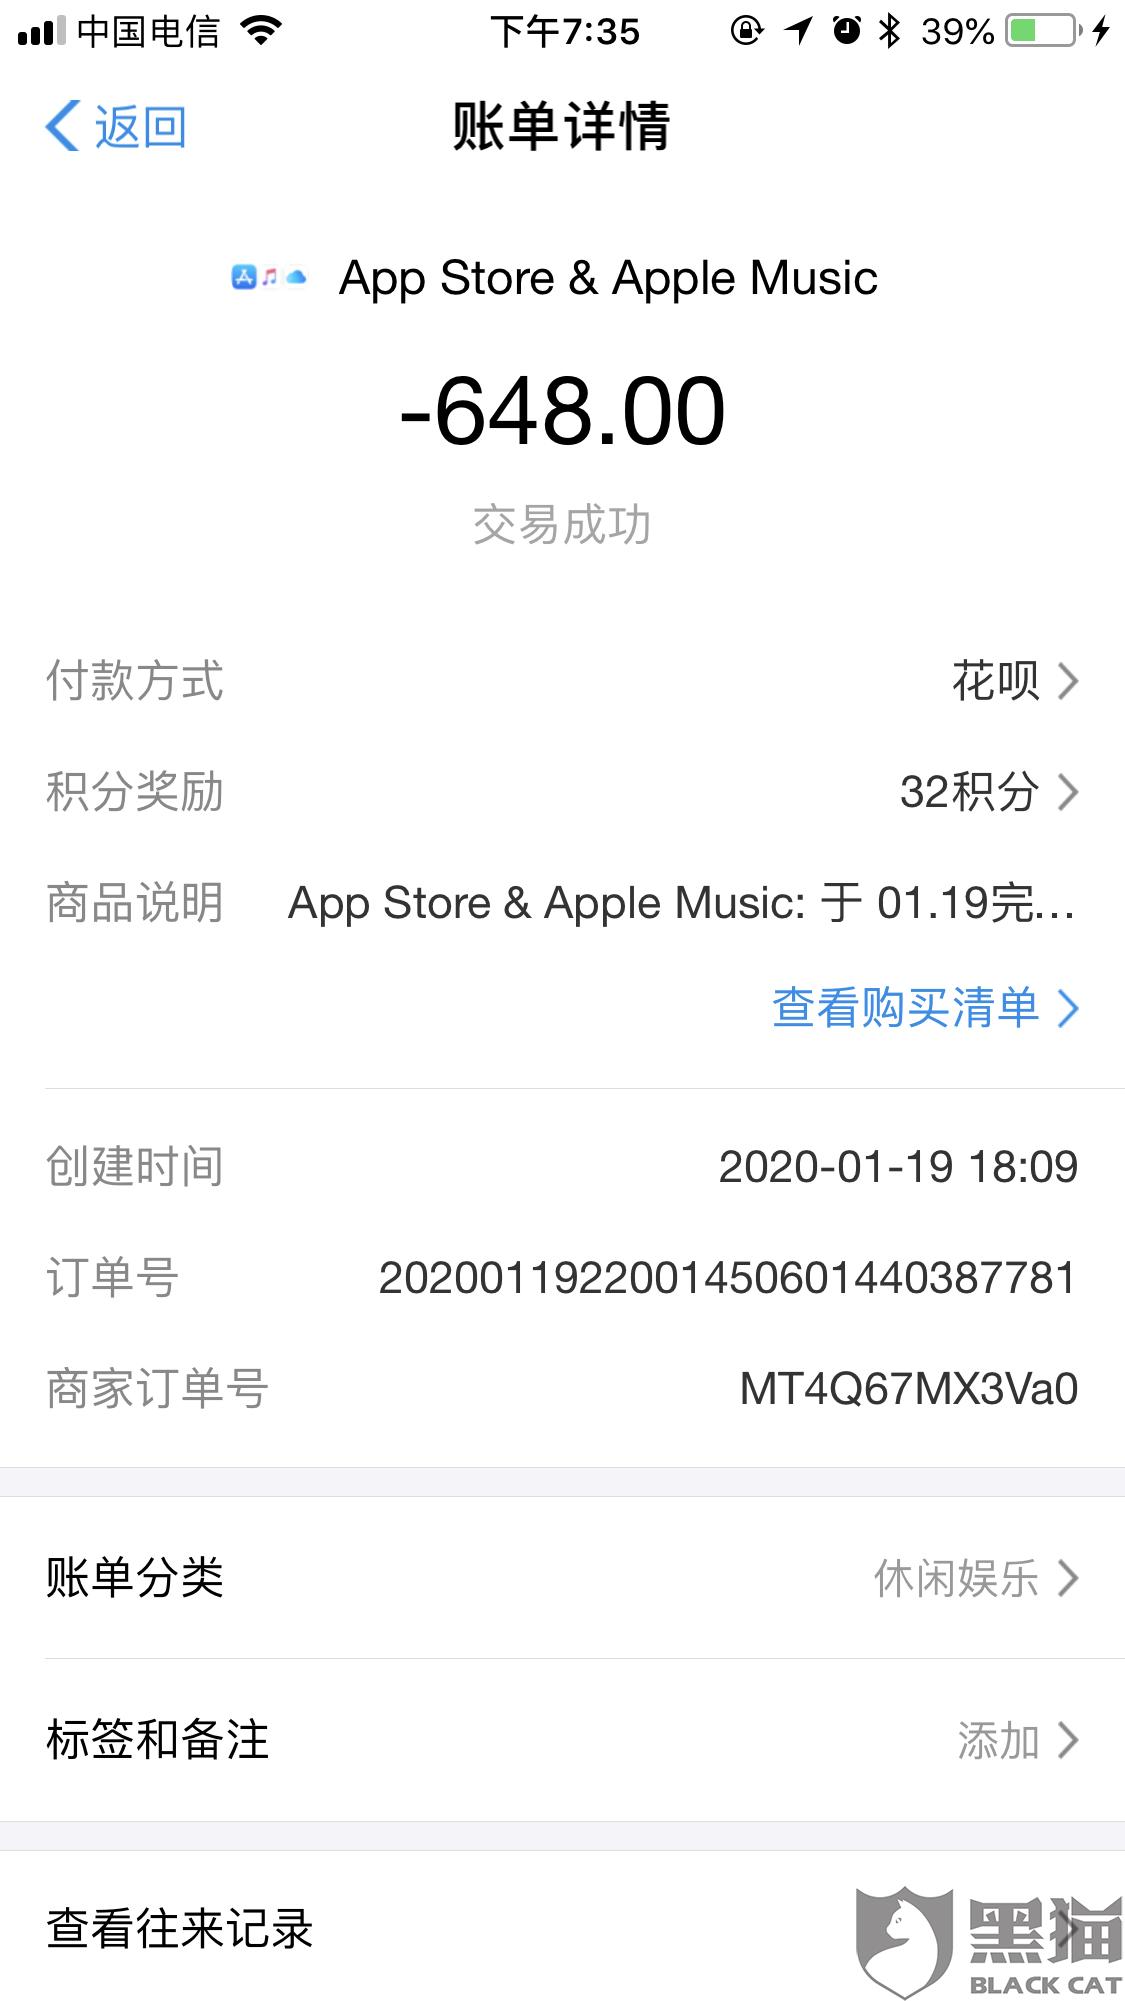 黑猫投诉:苹果应用商店不给退款